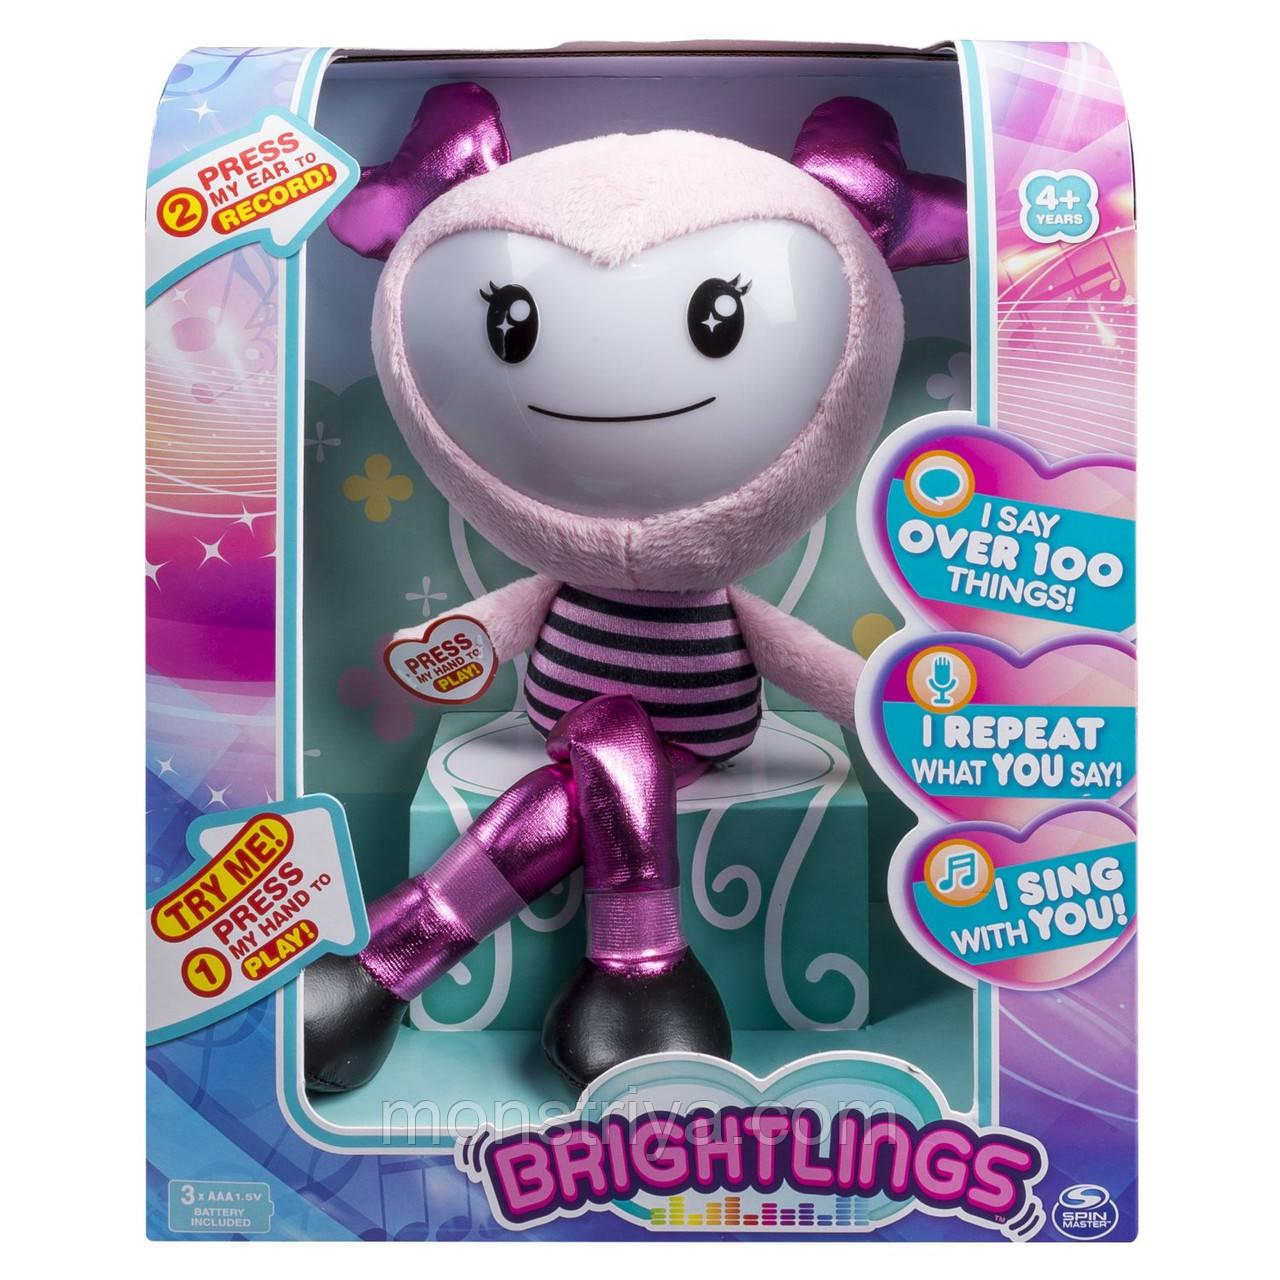 Интерактивная кукла Брайтлингс (Brightlings )